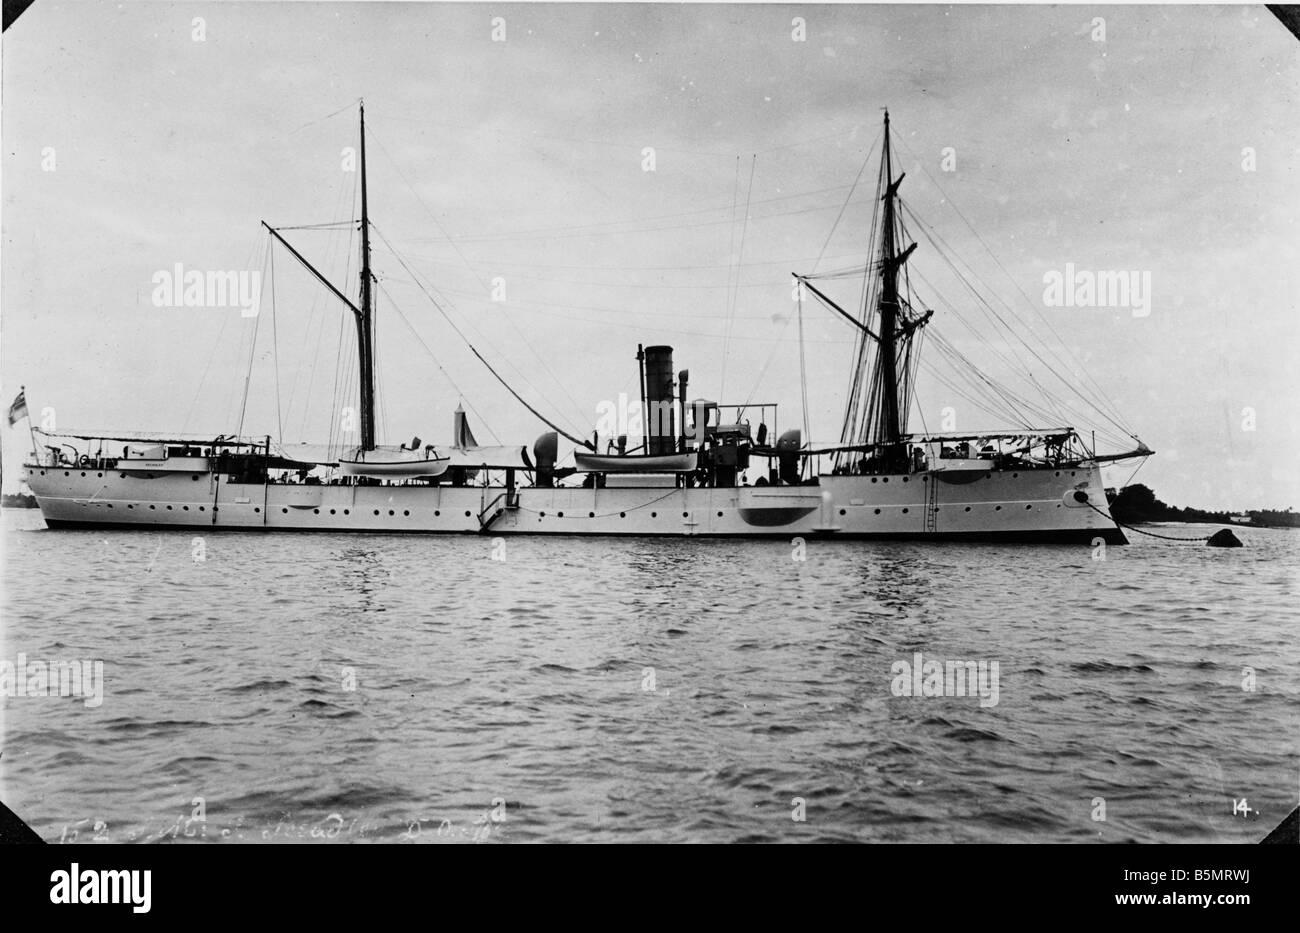 9AF 1914 A8 2 0 0 P M S Photo Daressalam Seeadler Afrique orientale allemande maintenant la Tanzanie comme une colonie allemande 1884 1920 S M S en Seeadler Banque D'Images